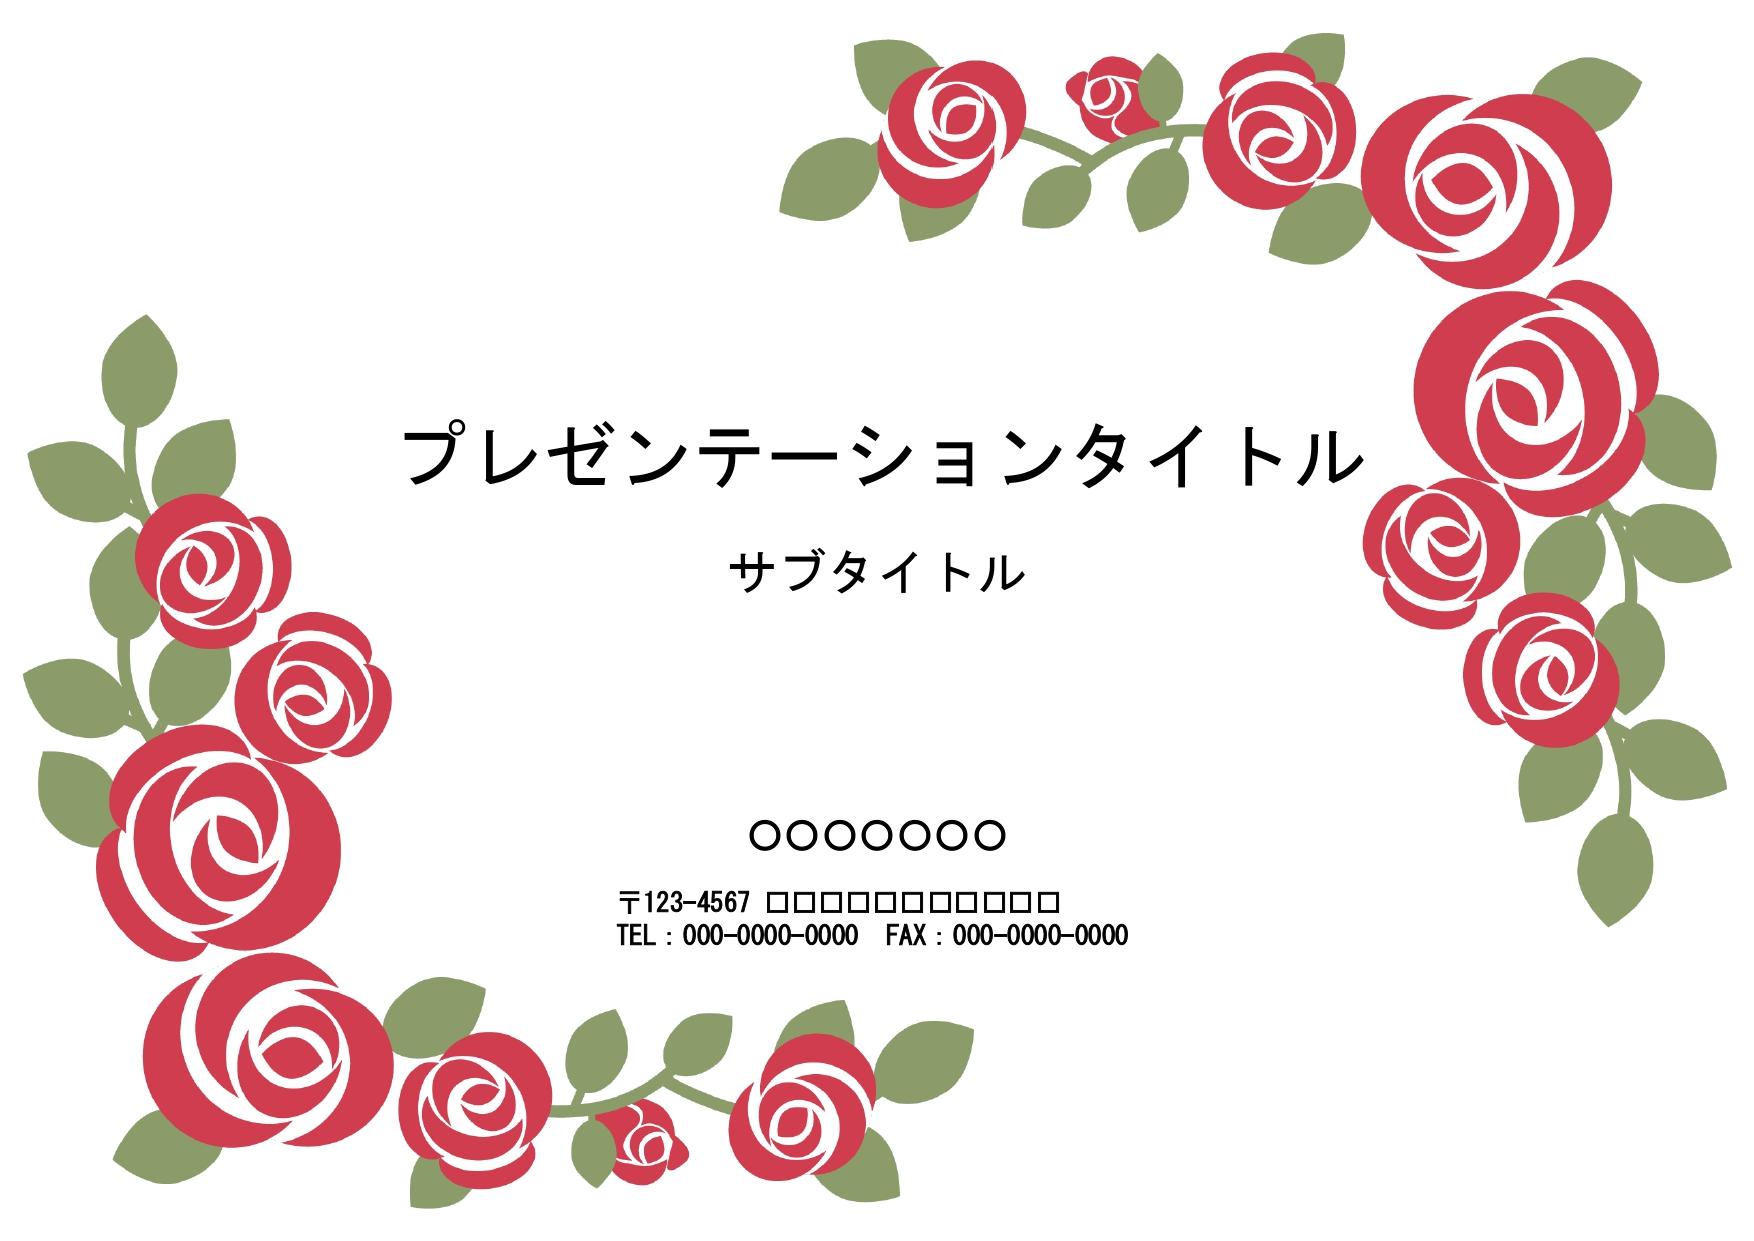 薔薇の花の背景「レッド」パワーポイントの無料テンプレート素材